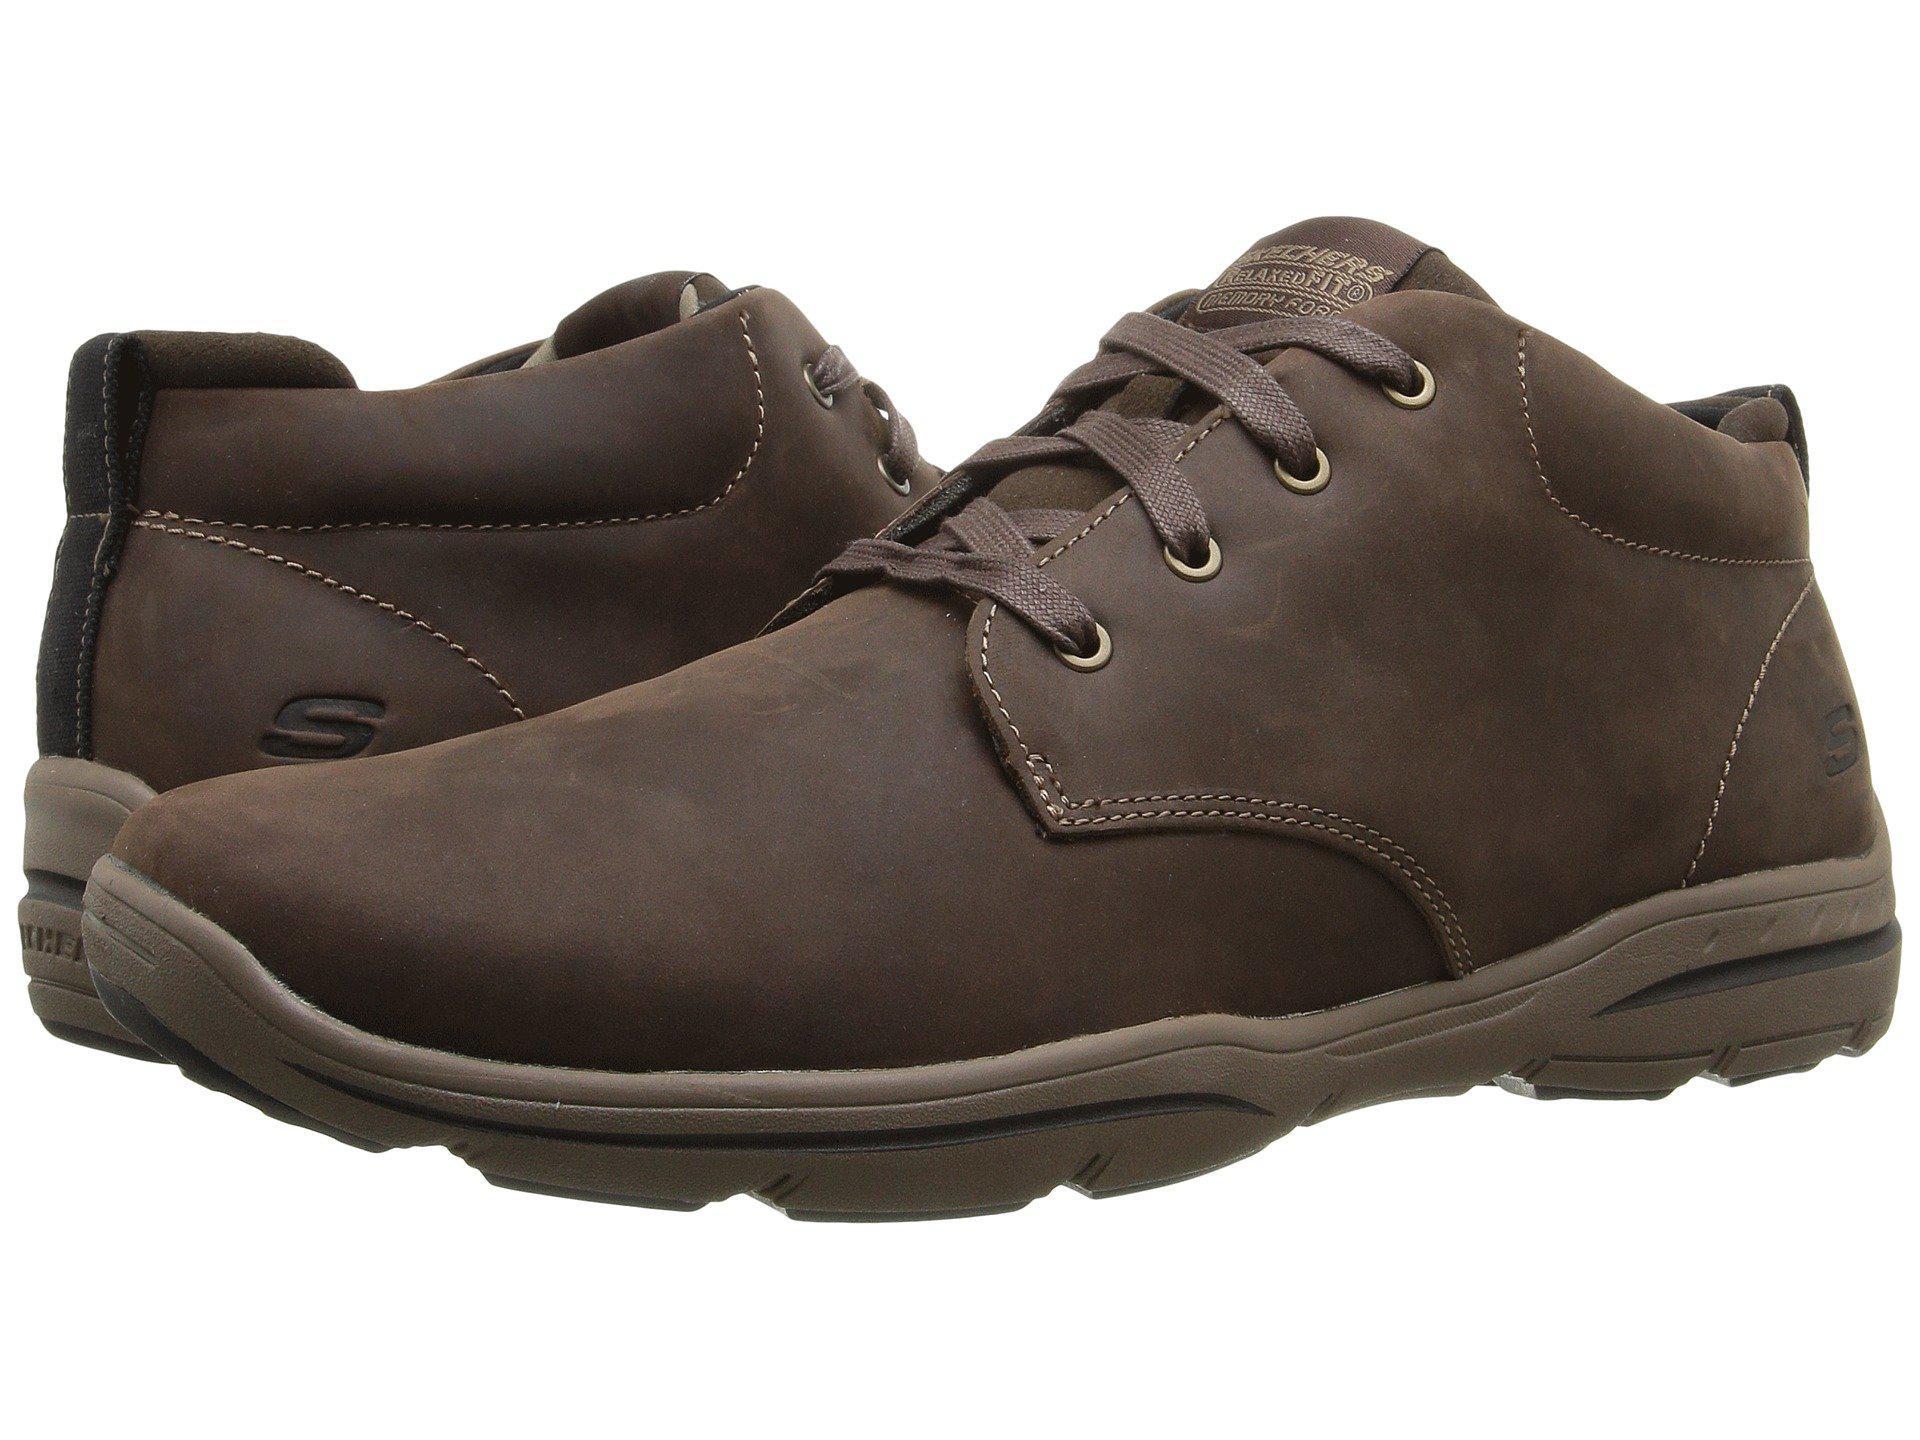 0b34aba26b6d Lyst - Skechers Usa Harper Meldon Chukka Boot in Brown for Men ...